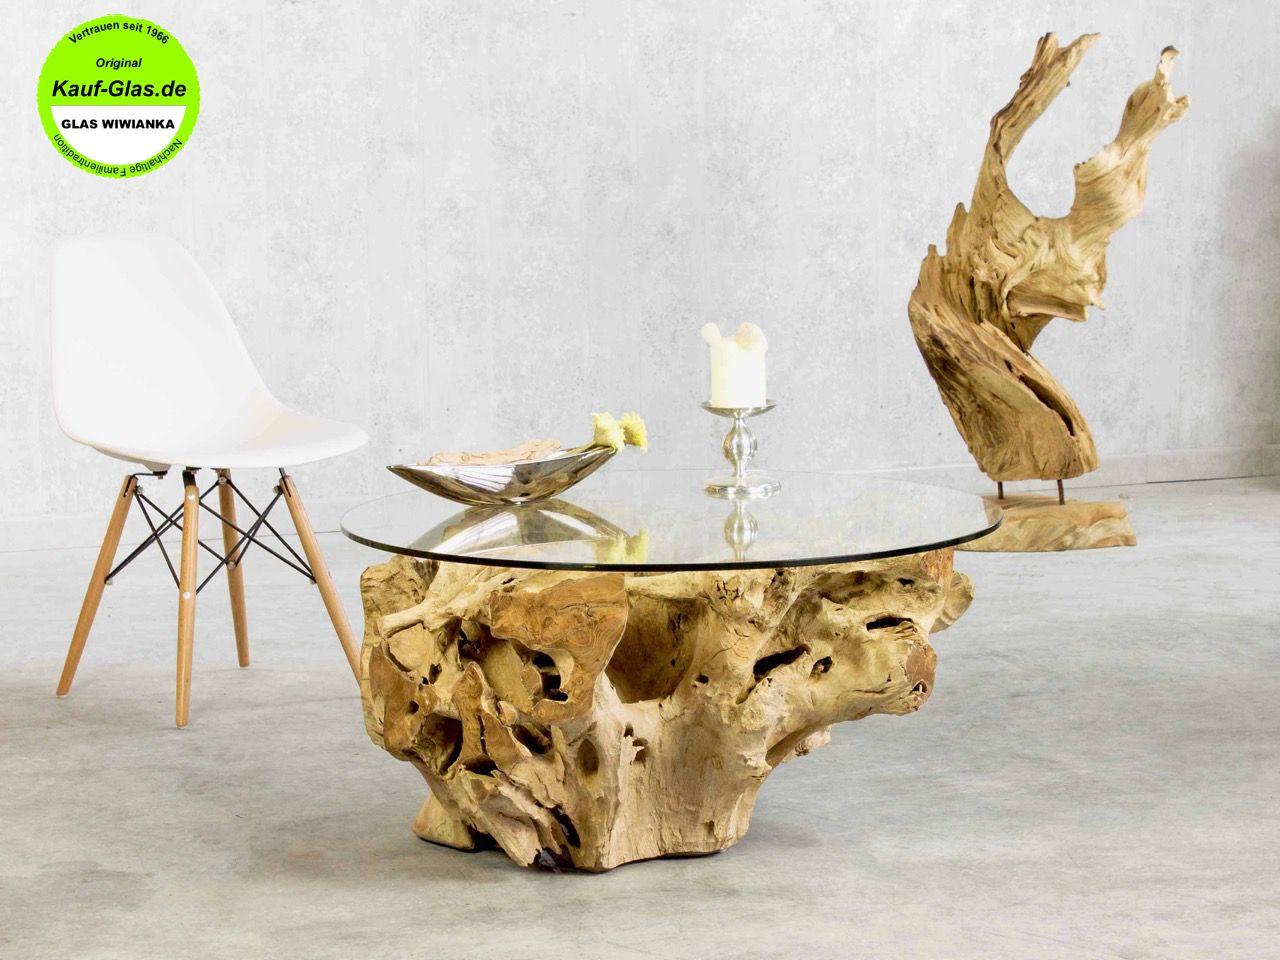 Glastisch Holzglastisch Designer Couchtisch Baumwurzel Mit